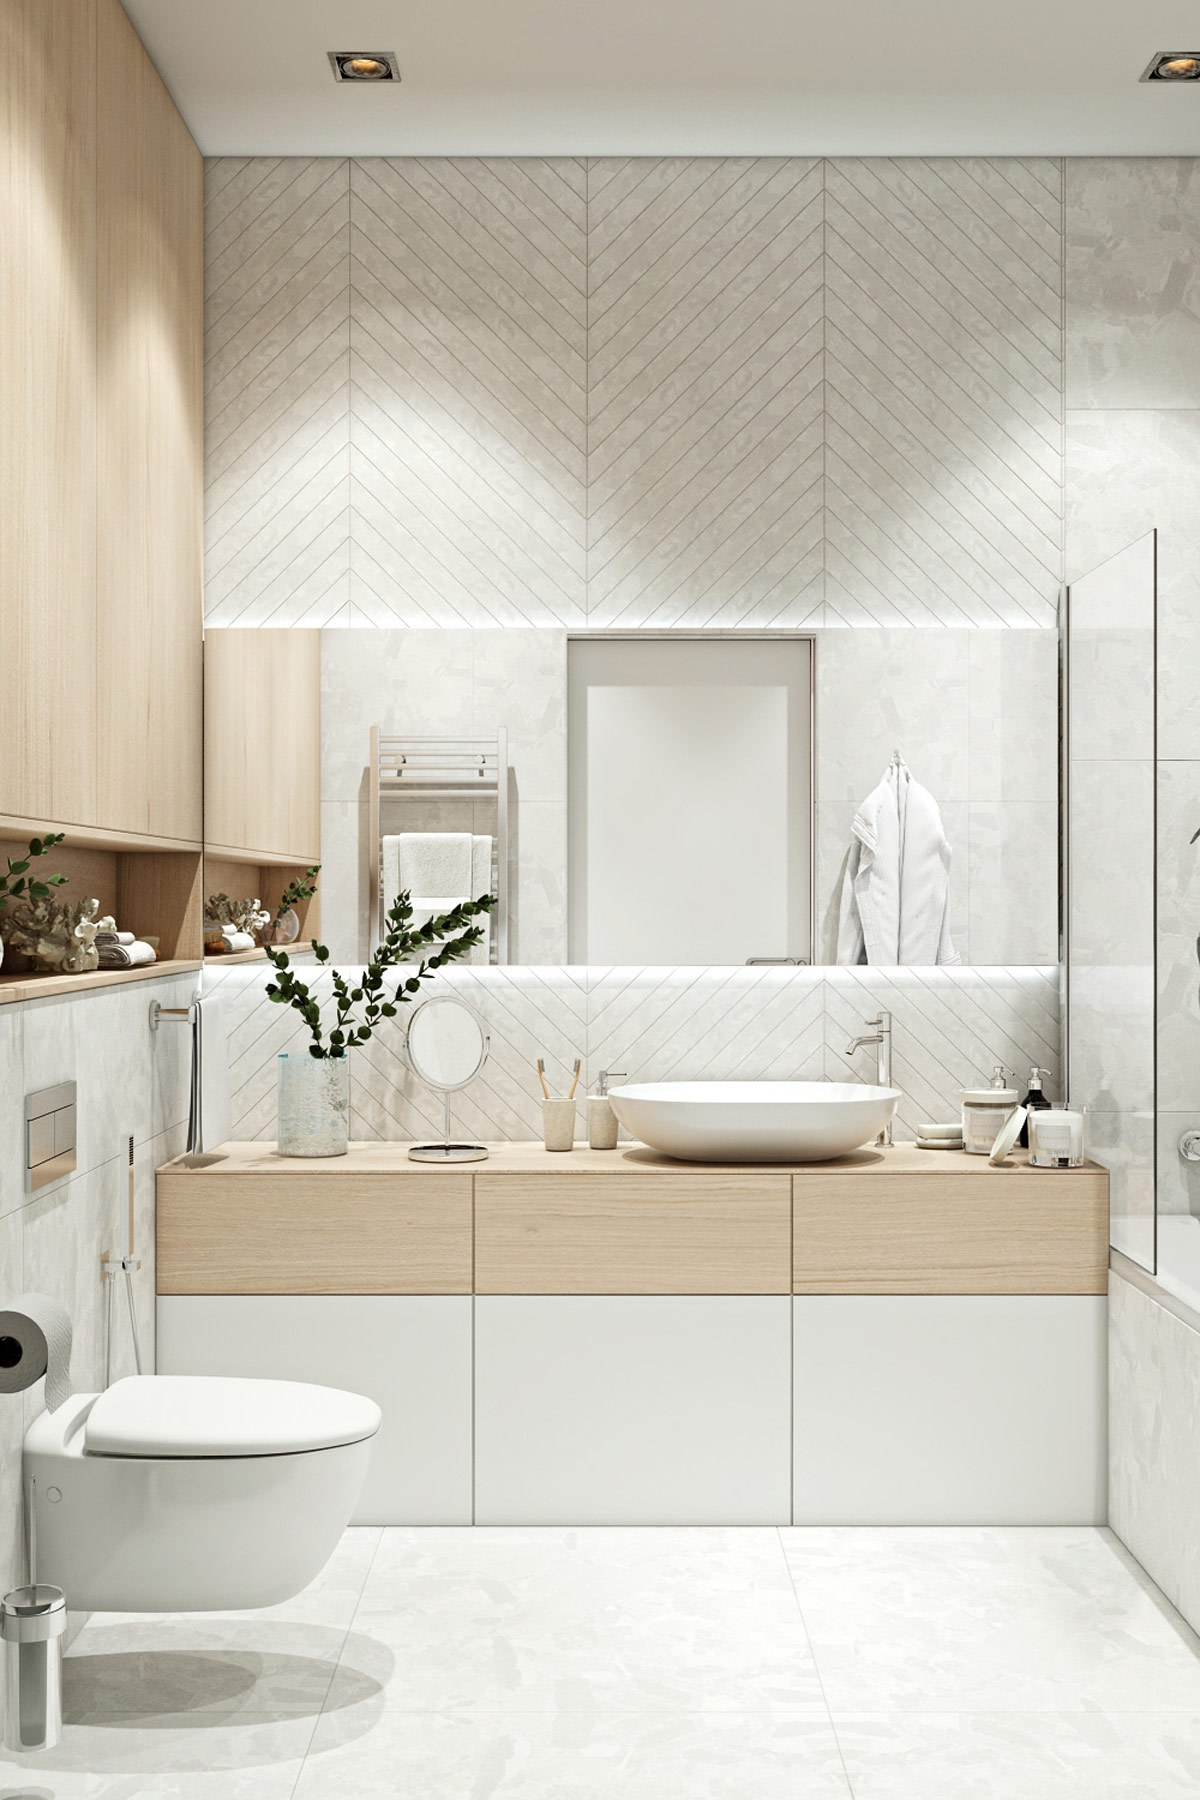 thiết kế nội thất phòng vệ sinh con trai chung cư hiện đại